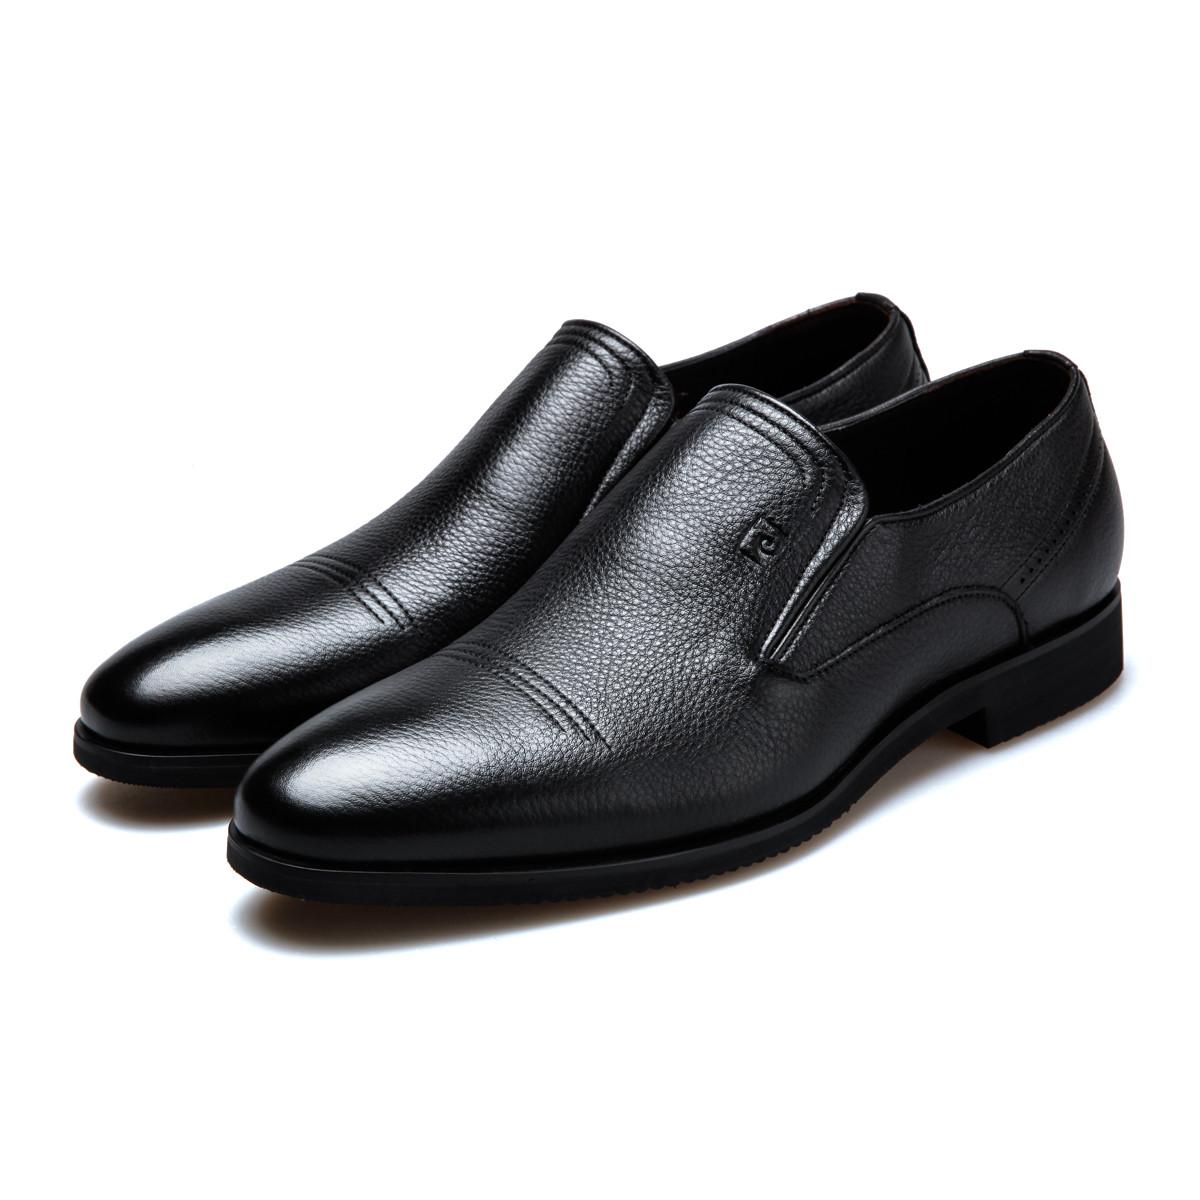 皮尔·卡丹2019秋新品柔软摔纹牛皮按摩底套脚真皮皮鞋男商务鞋男士皮鞋P8301K162432A00